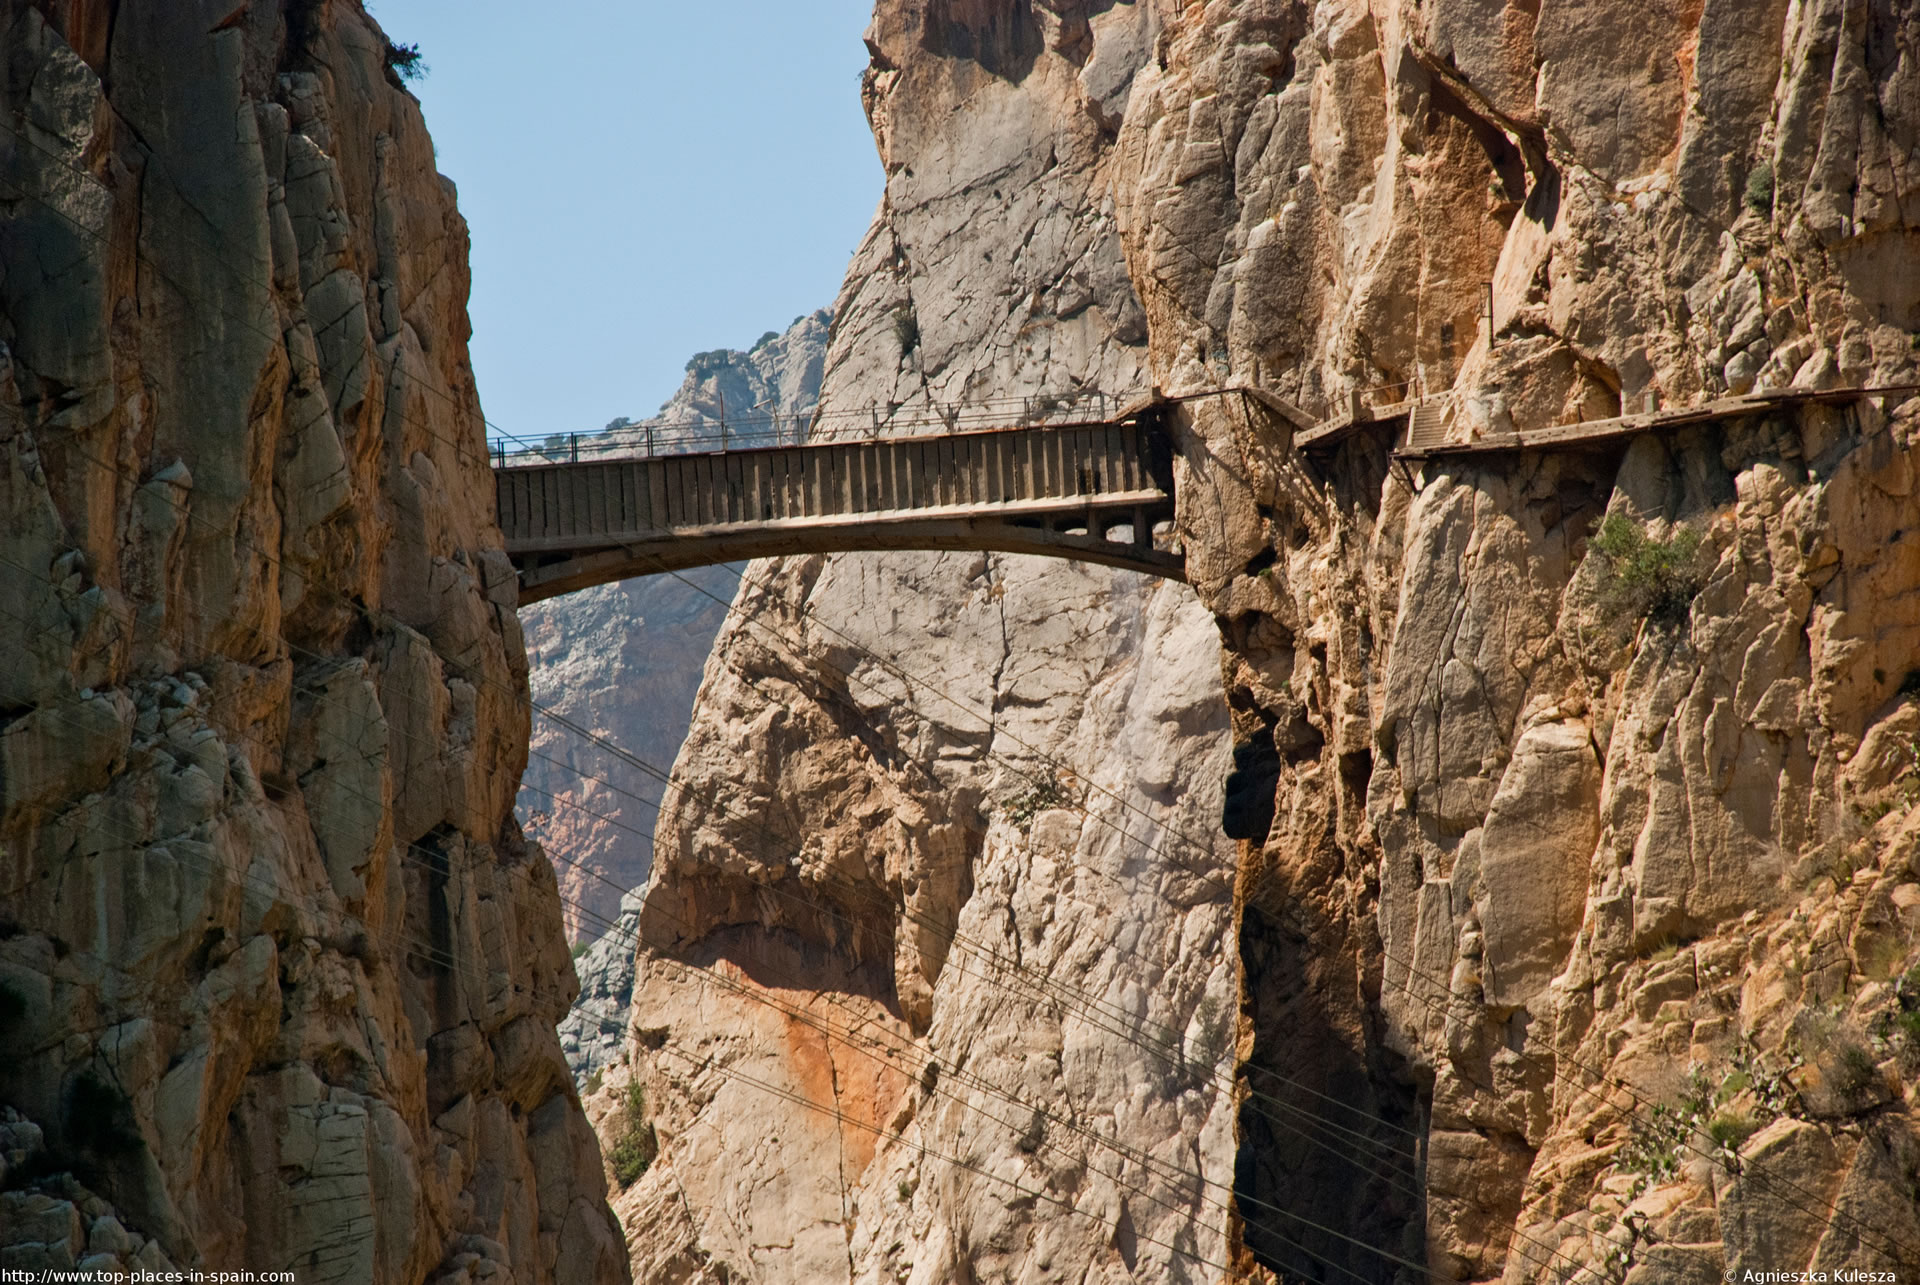 el-chorro-caminito-del-rey-bridge